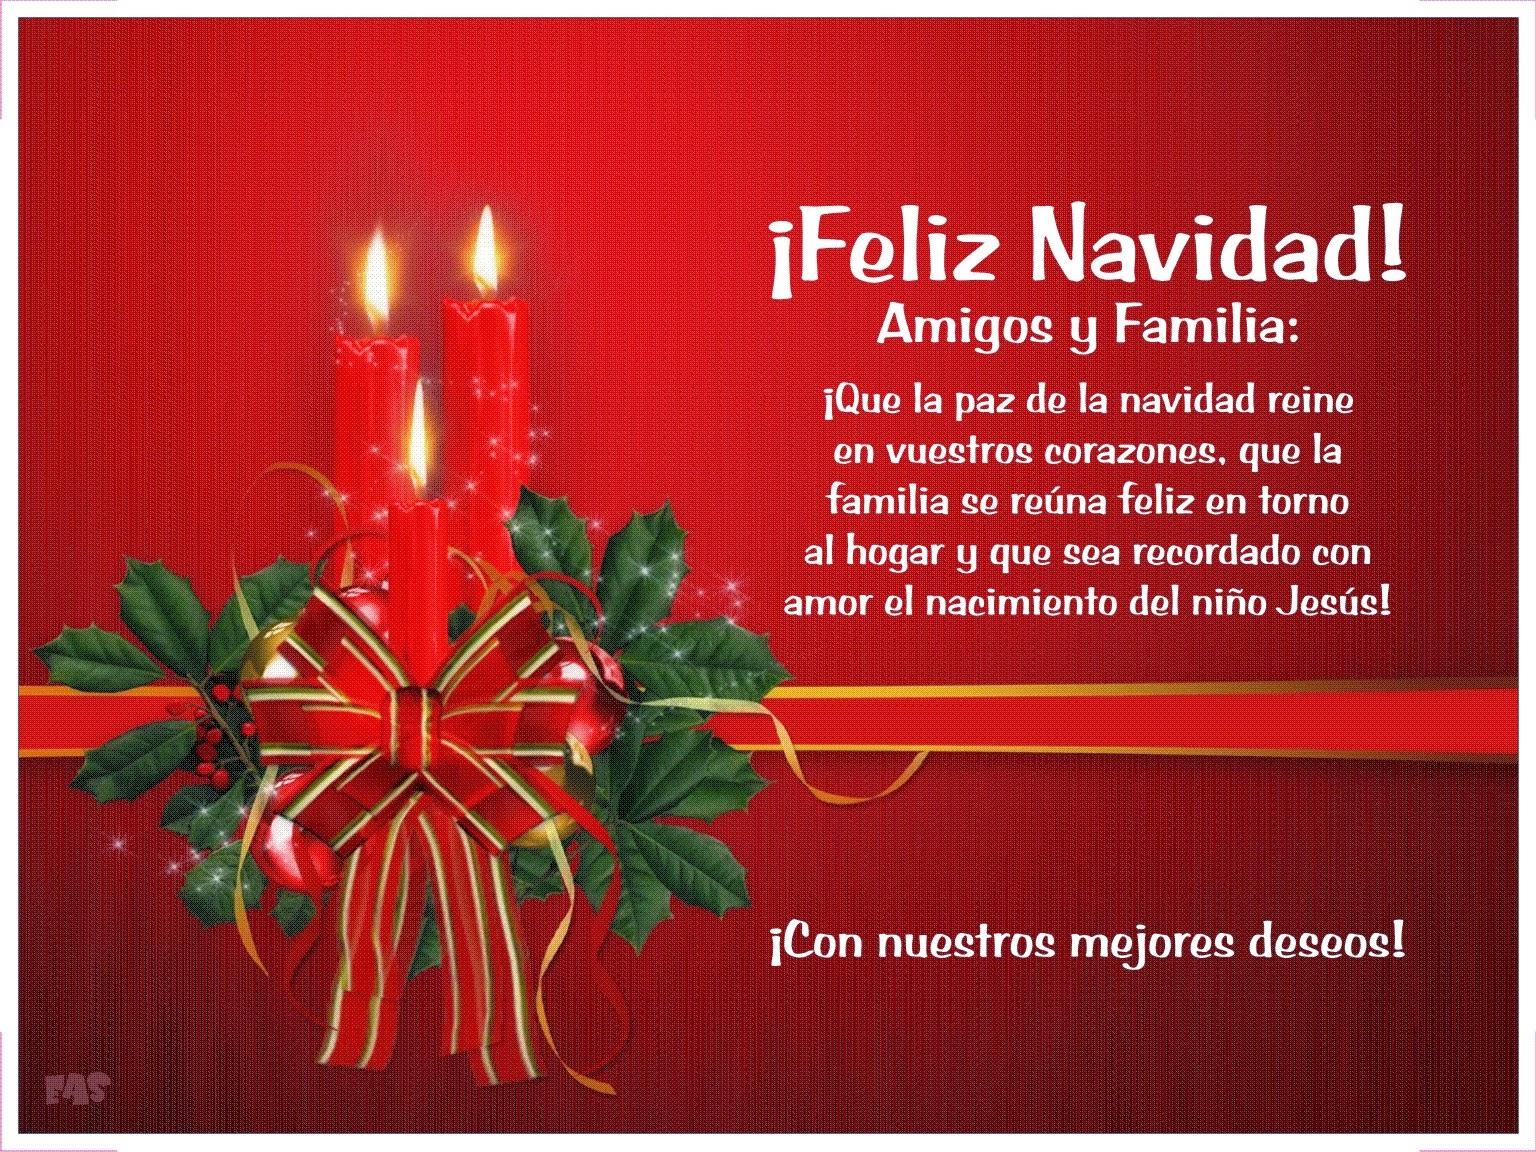 Tarjetas navidad tarjetas de navidad en picnik auto - Tarjetas de navidad artesanales ...